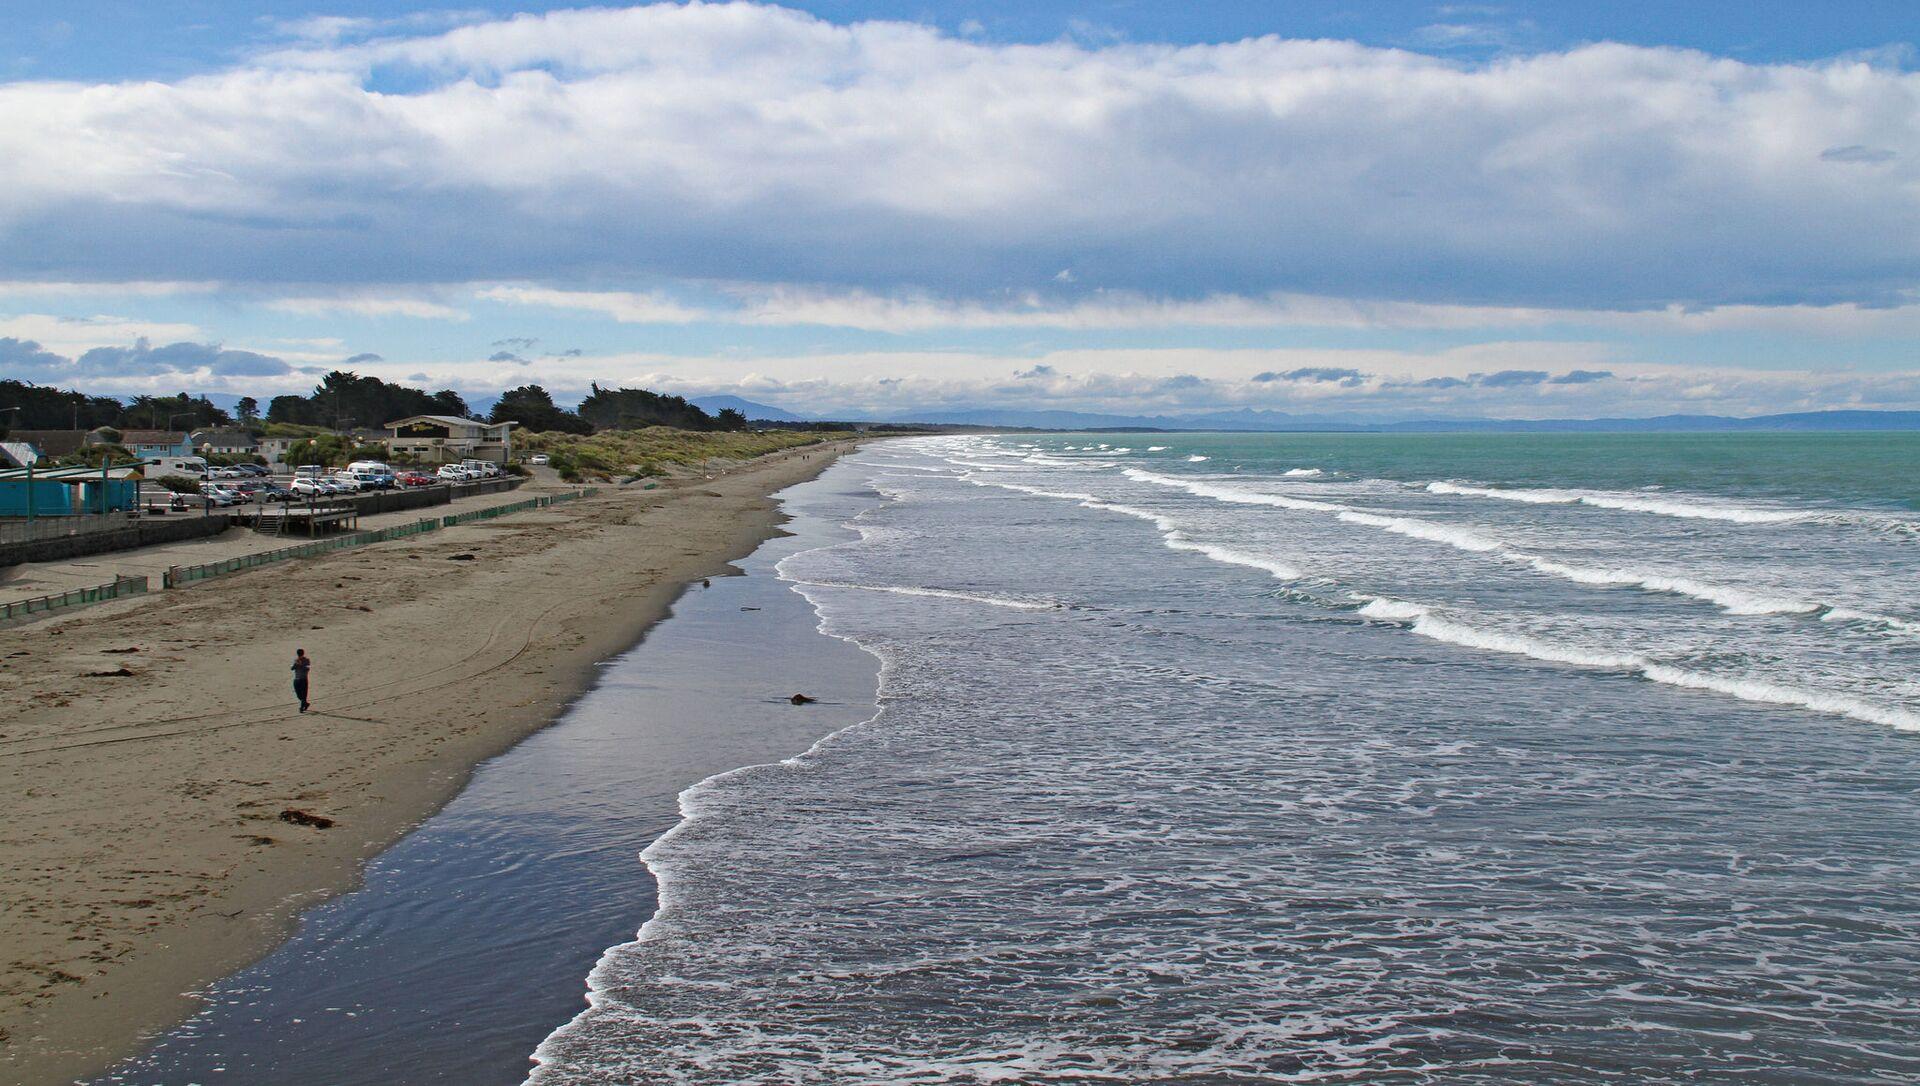 Plaża na przedmieściach Christchurch, Nowa Zelandia - Sputnik Polska, 1920, 04.03.2021